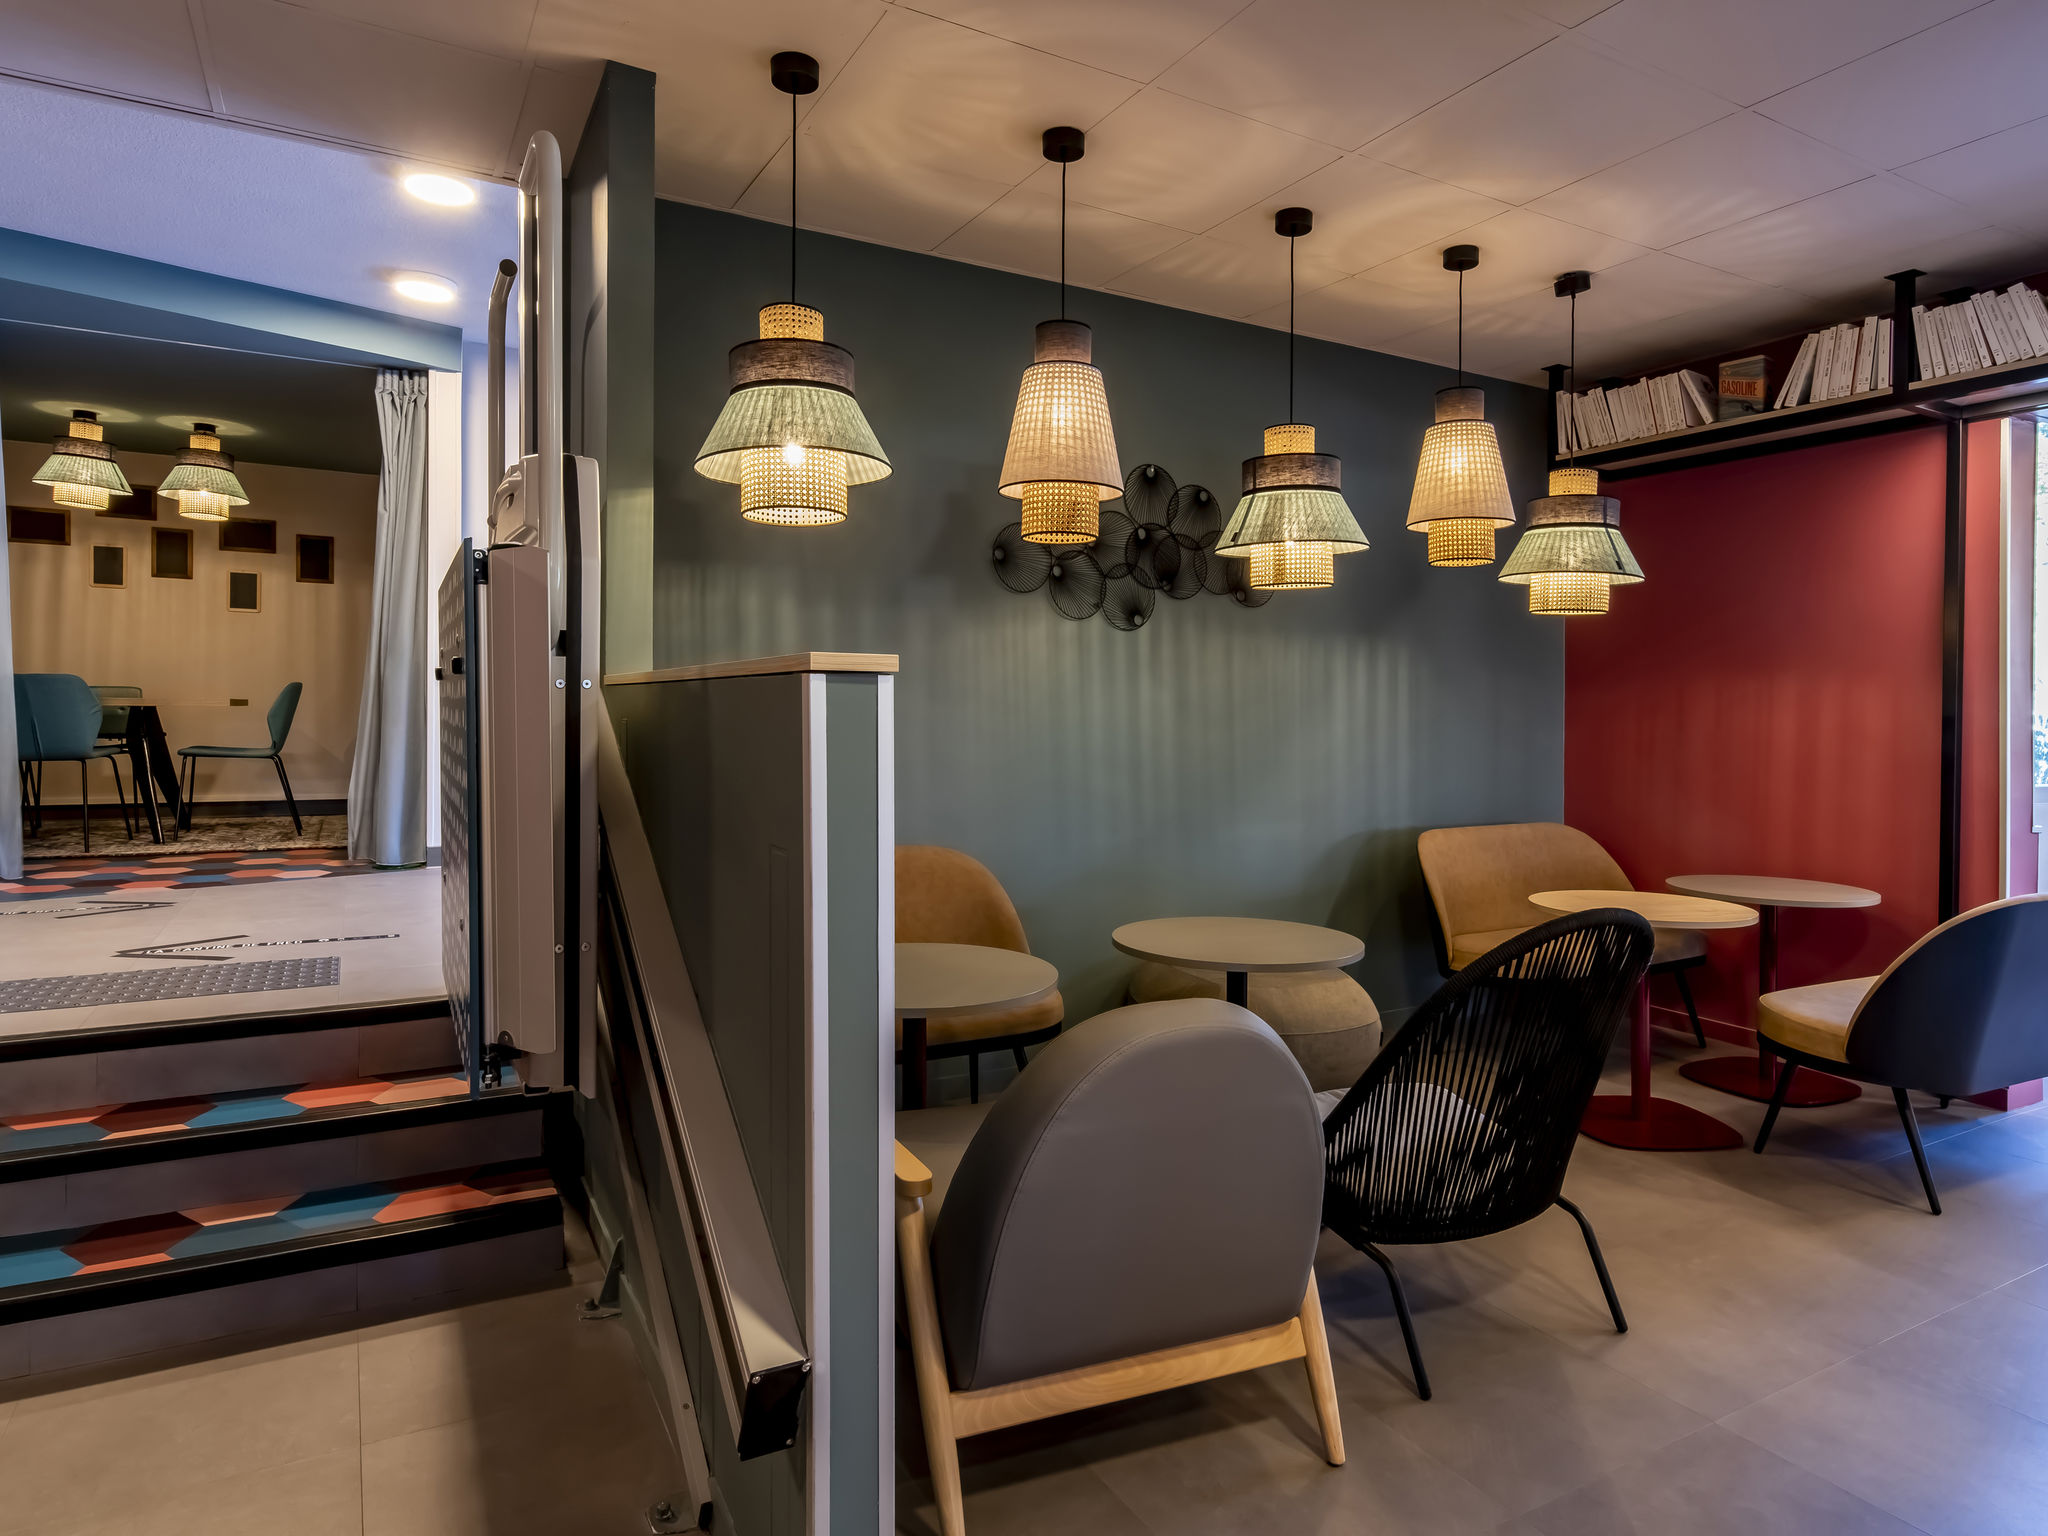 Hotel Ibis Orleans Nord Saran Saran